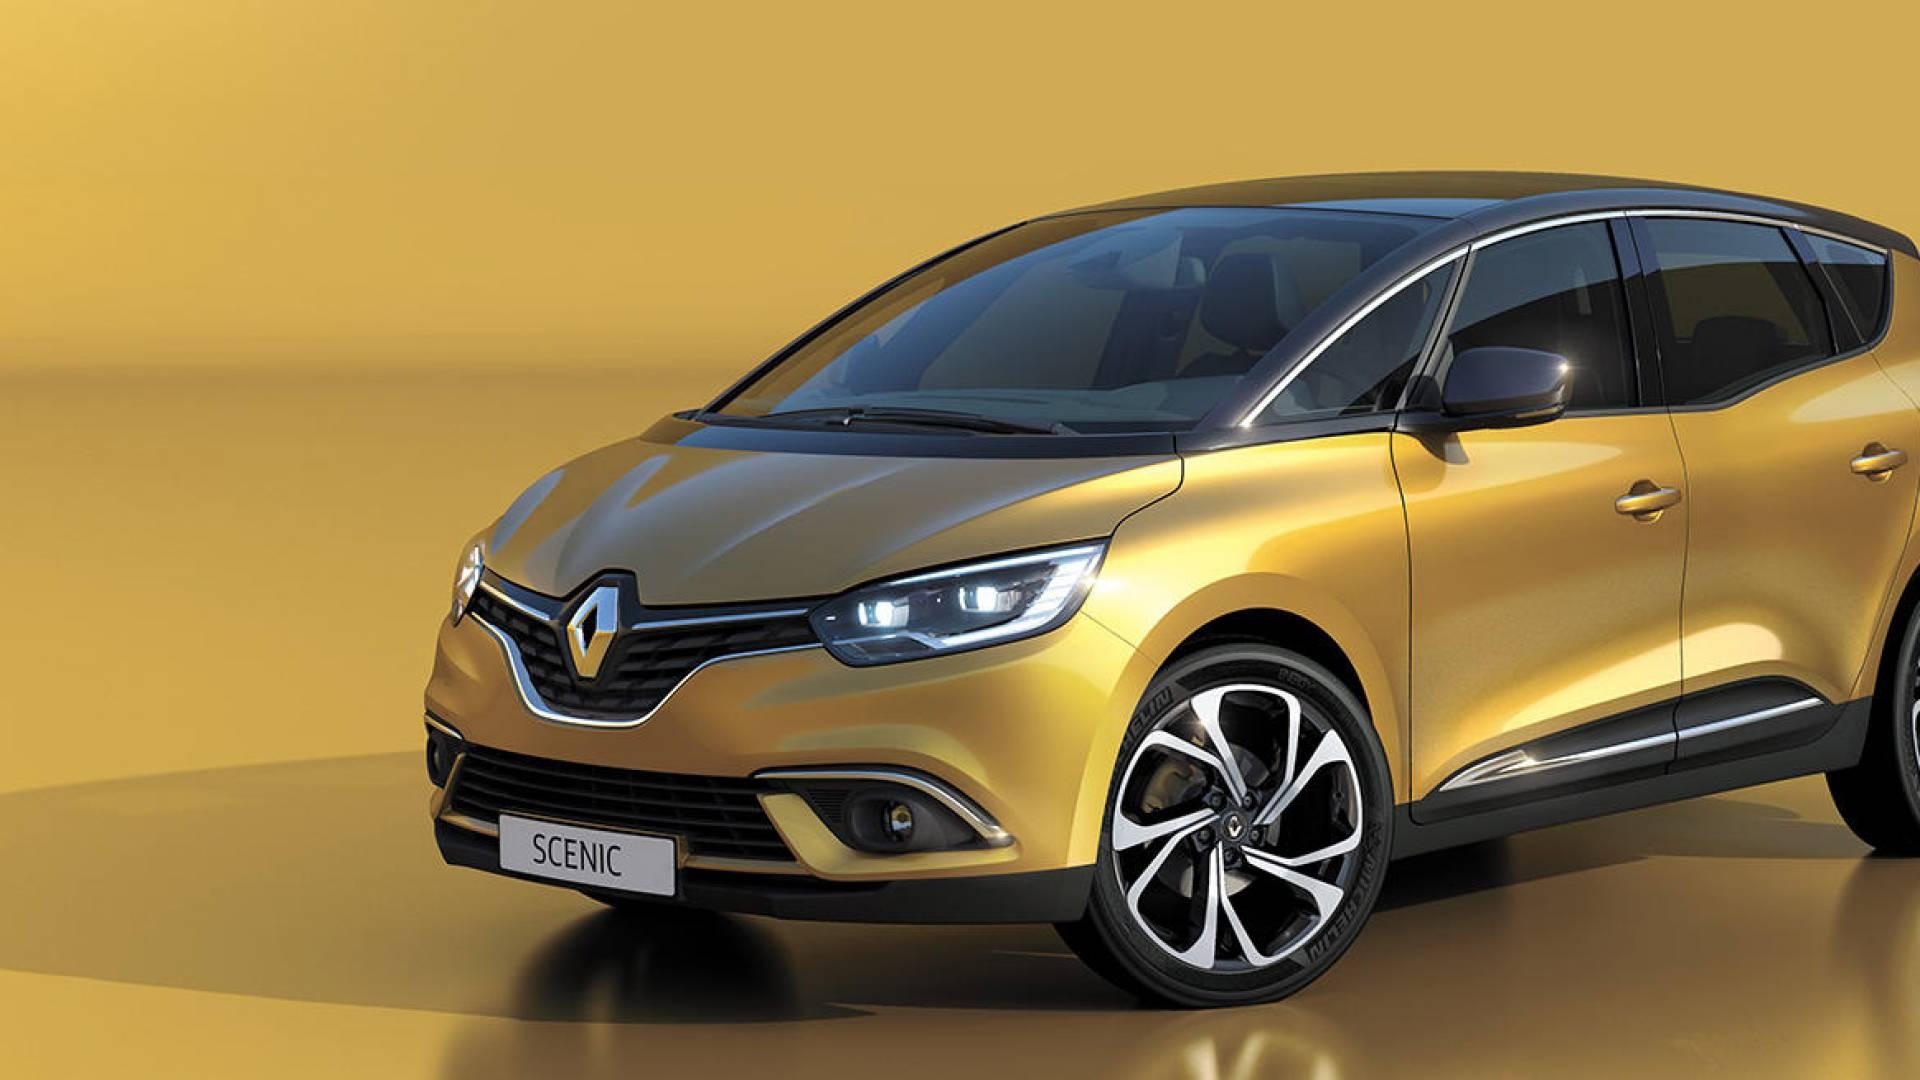 Renault Sc U00e9nic  Precios  Prueba  Ficha T U00e9cnica  Fotos Y